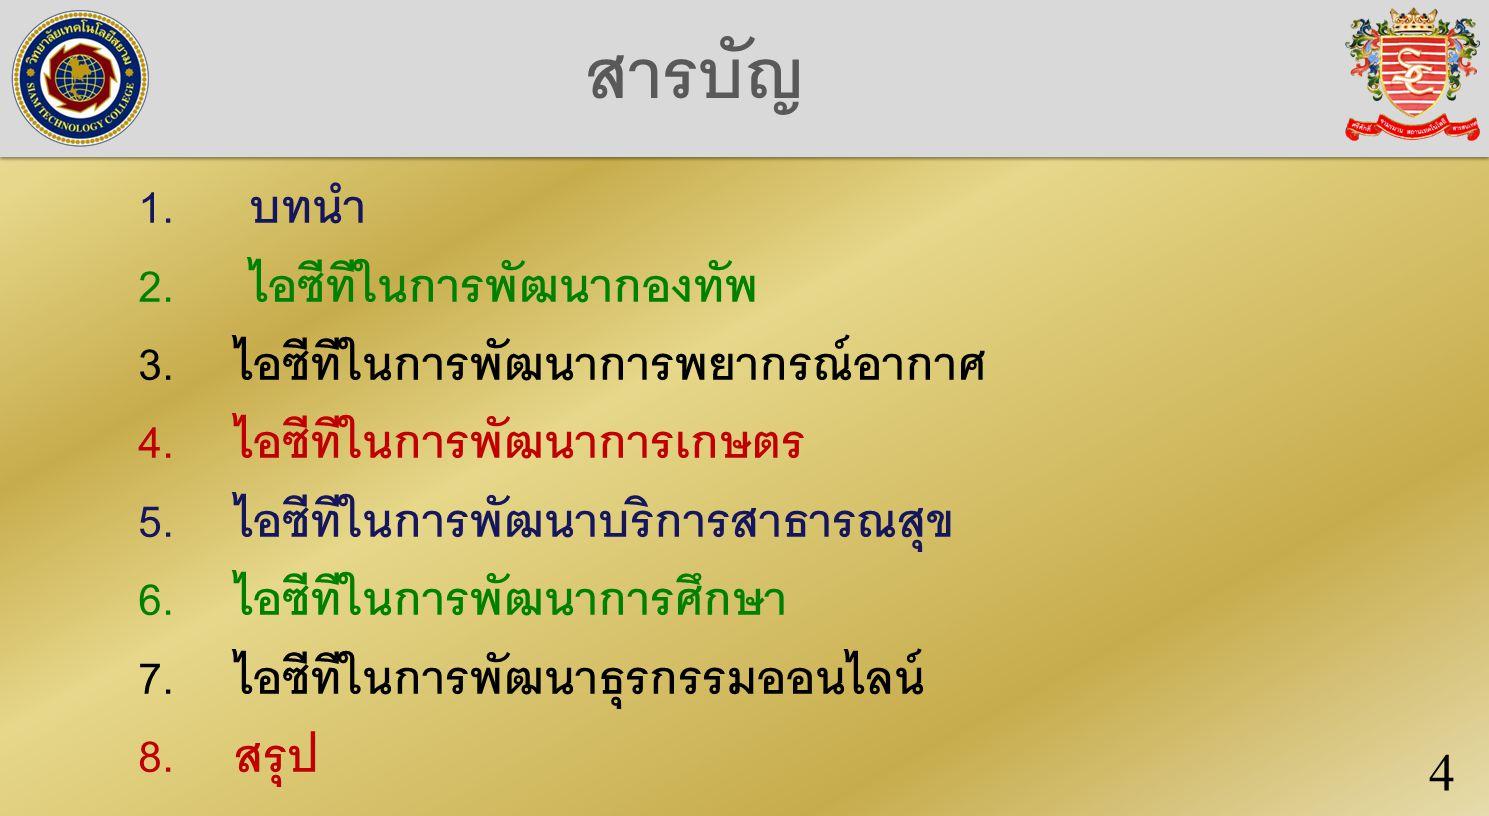 35 ไอซีทีในการพัฒนาการเกษตร (ต่อ)  ตัวอย่างแอพลิเคชันด้านการเกษตรของประเทศไทย อาทิ - แอพลิเคชันฝนหลวง - แอพลิเคชันฟาร์เมอร์อินโฟ (Farmer Info) - แอพลิเคชันฟาร์ใบข้าว - แอพลิเคชันฟาร์คลอรีน